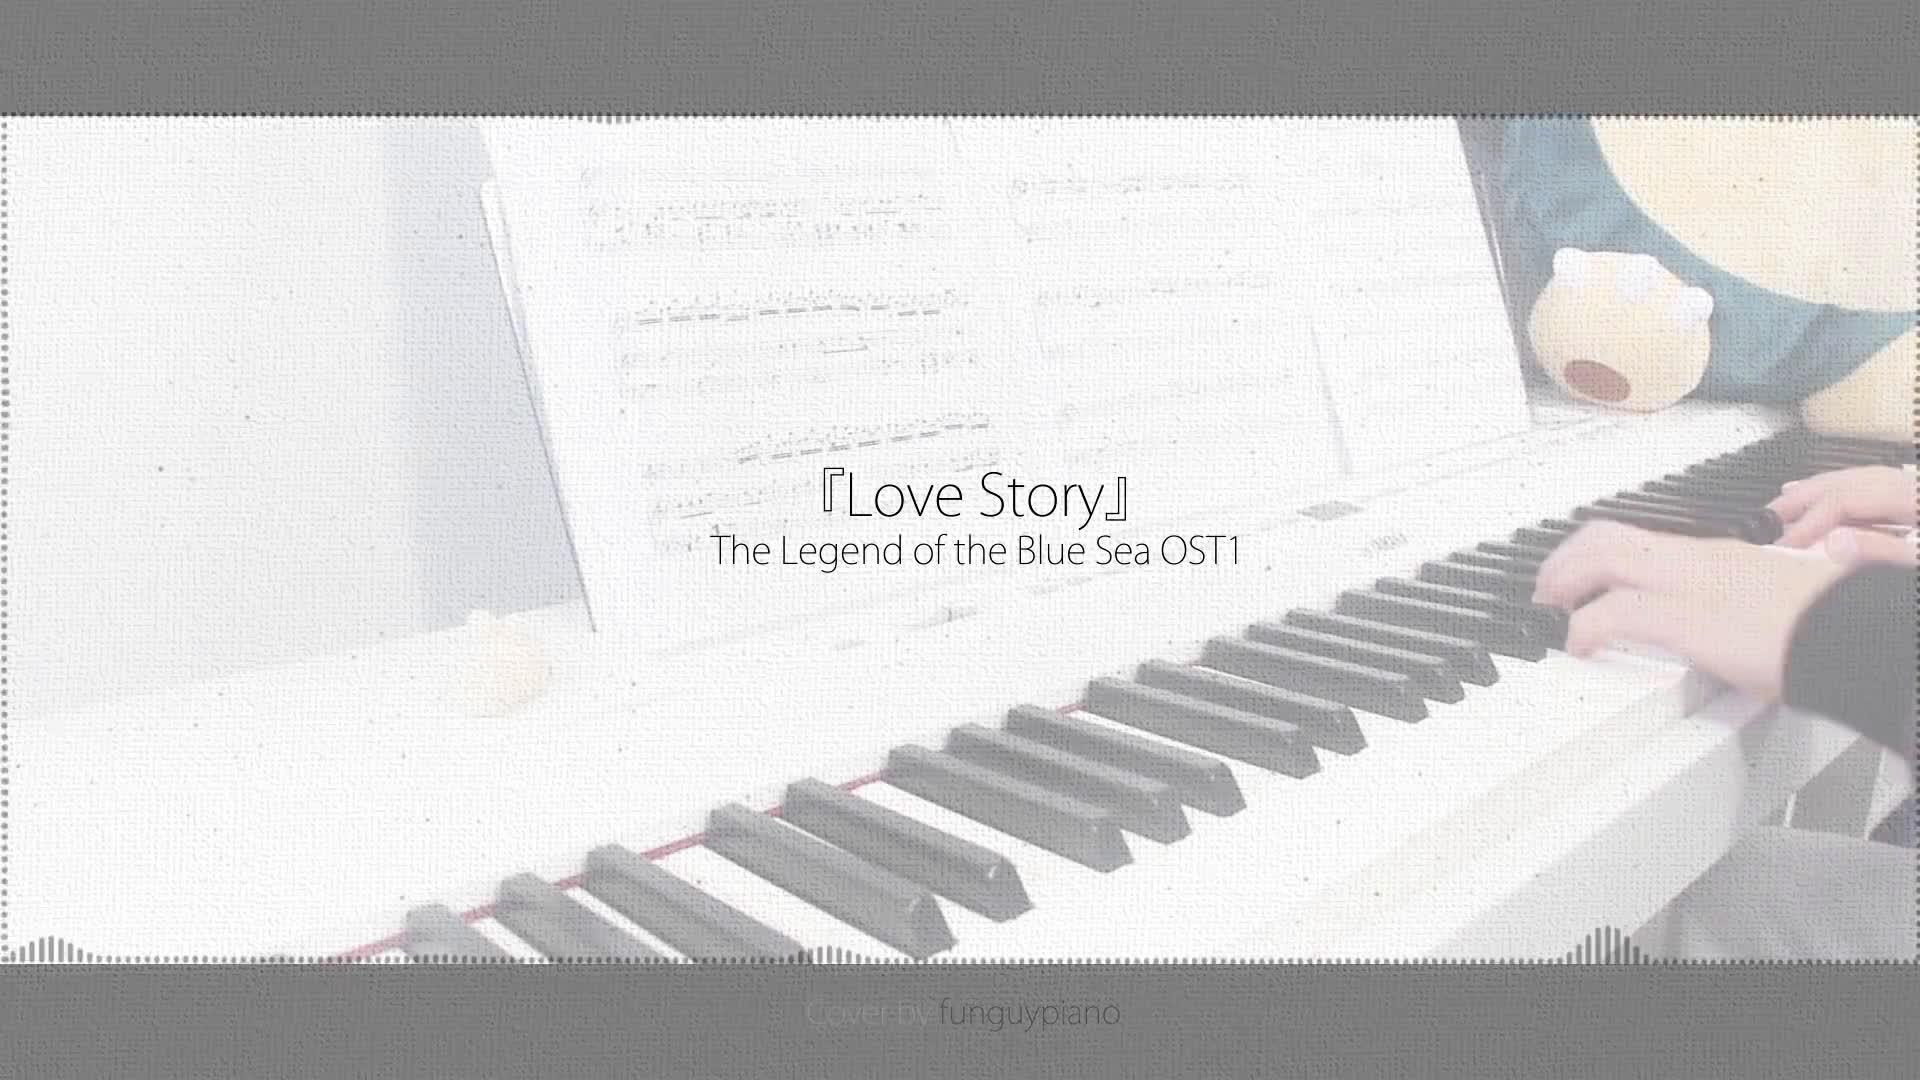 蓝色海洋的传说 OST1 - Love Story - 钢琴版